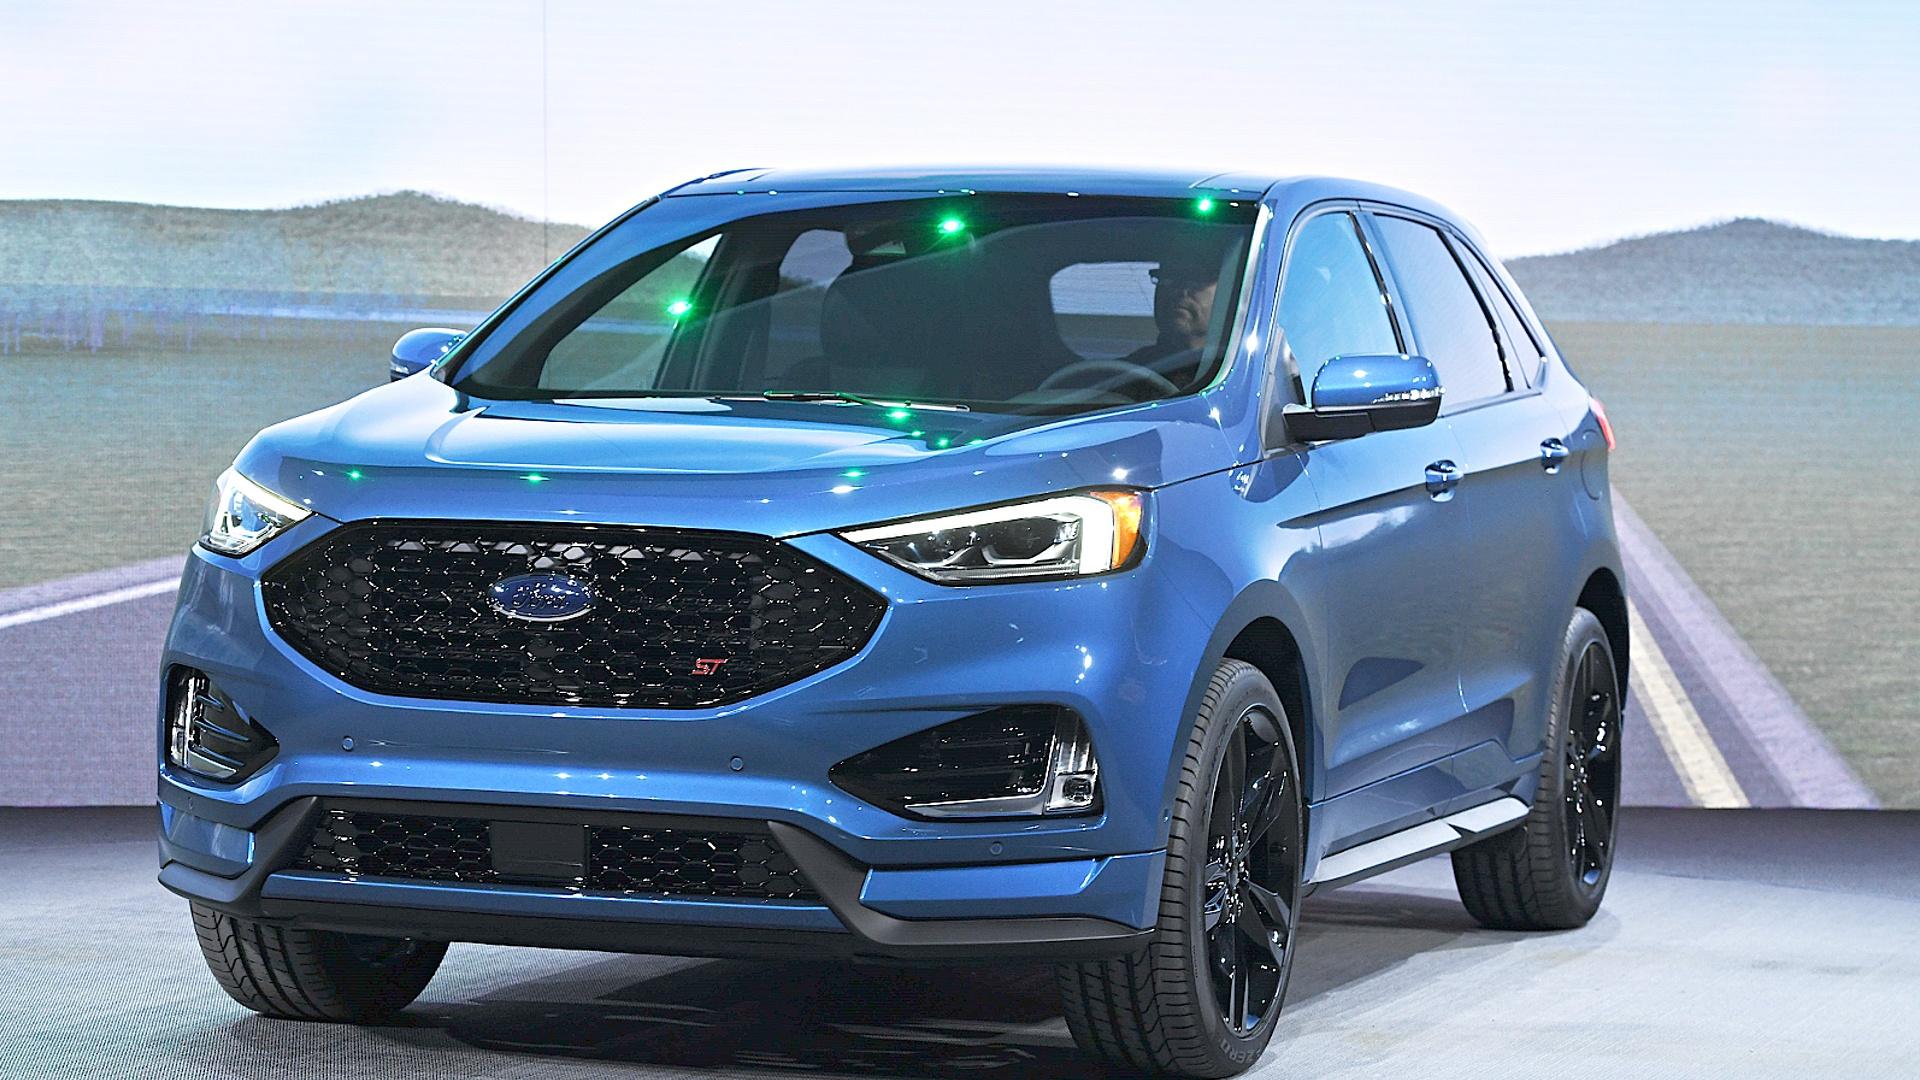 Ford выпустит 16 новых электрических и гибридных автомобилей